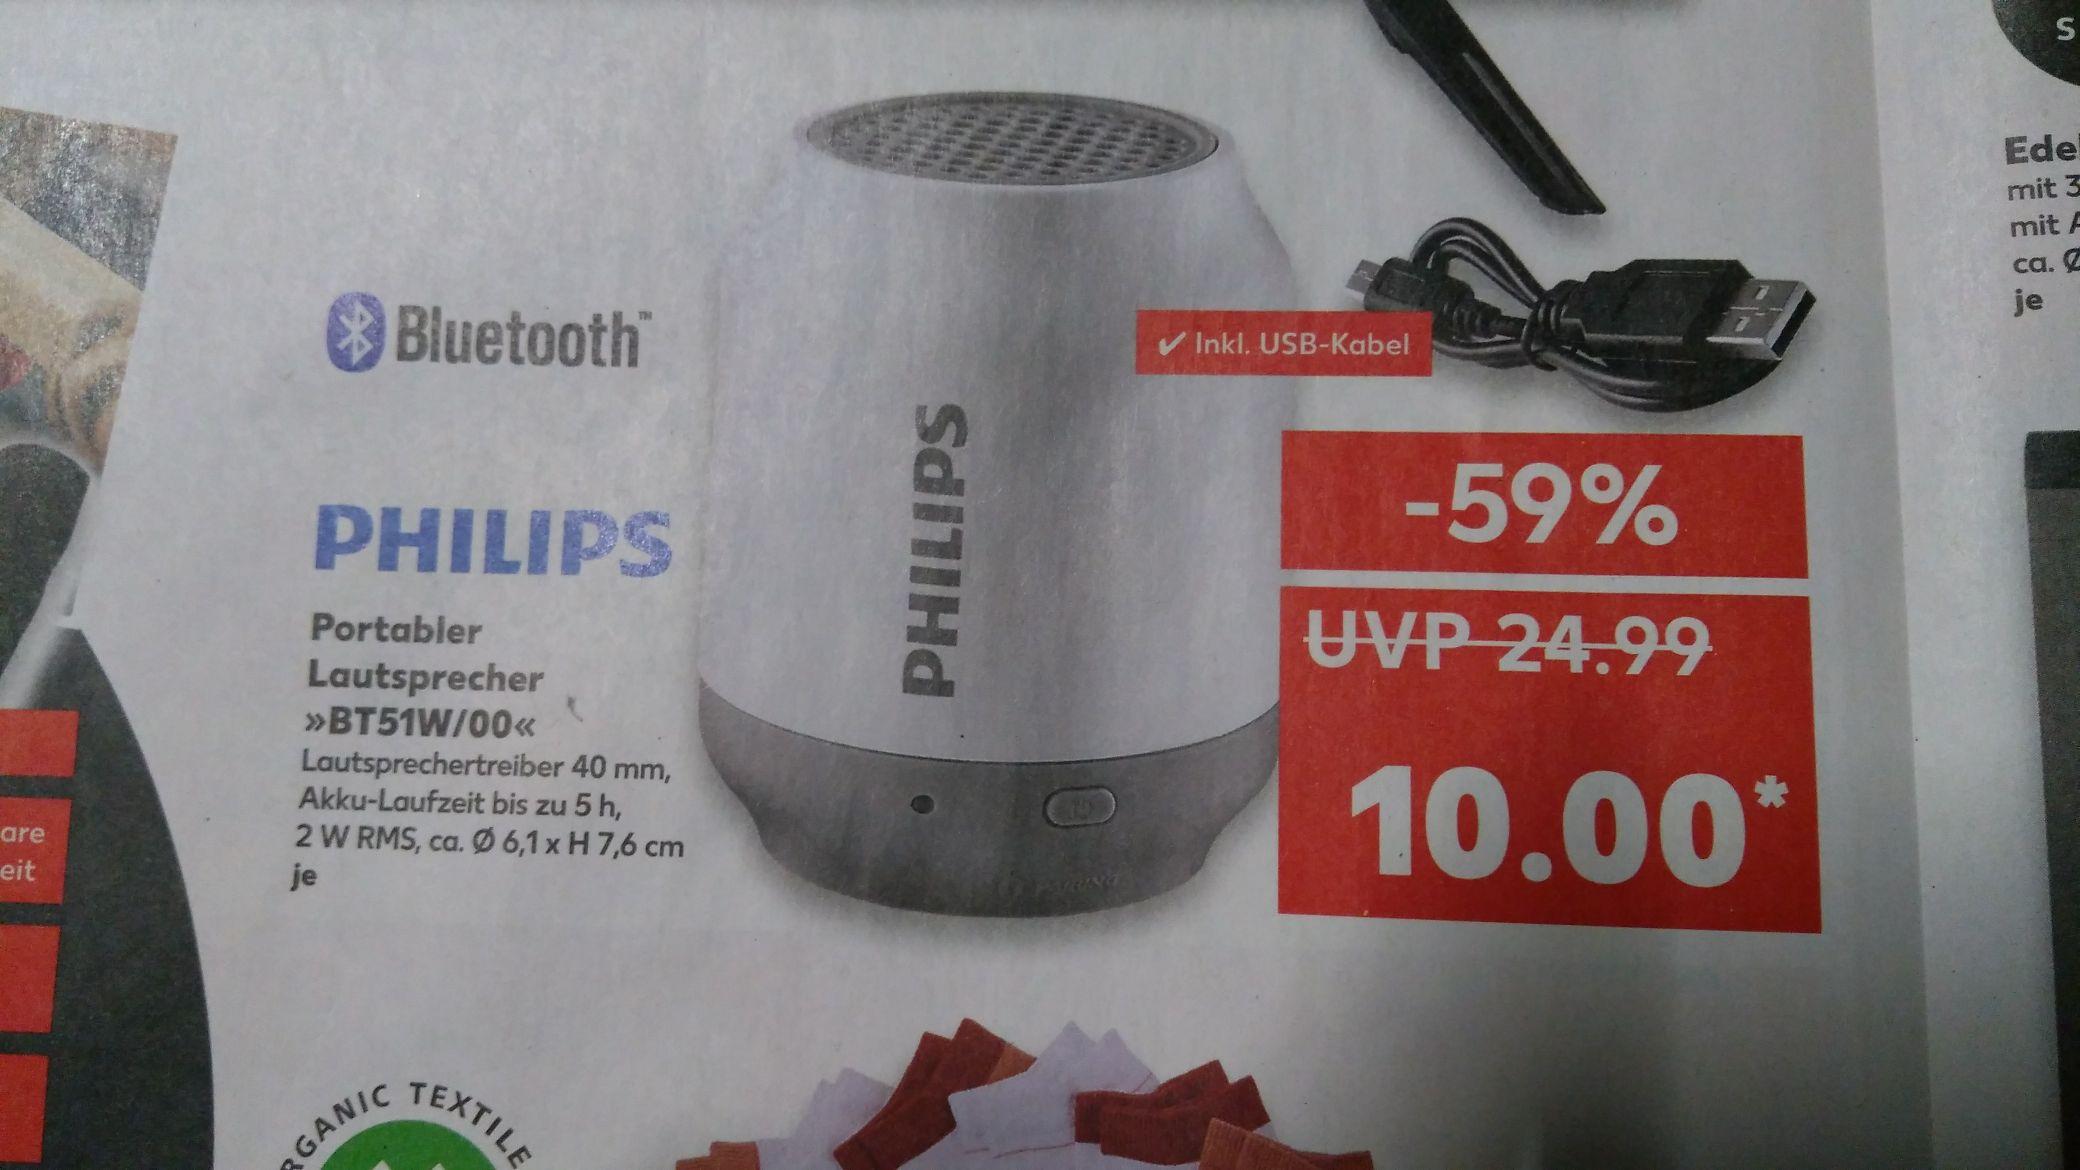 [Kaufland Halle/Saale] Philips BT51W/00 Bluetooth Lautsprecher für 10€, 3 für 25€